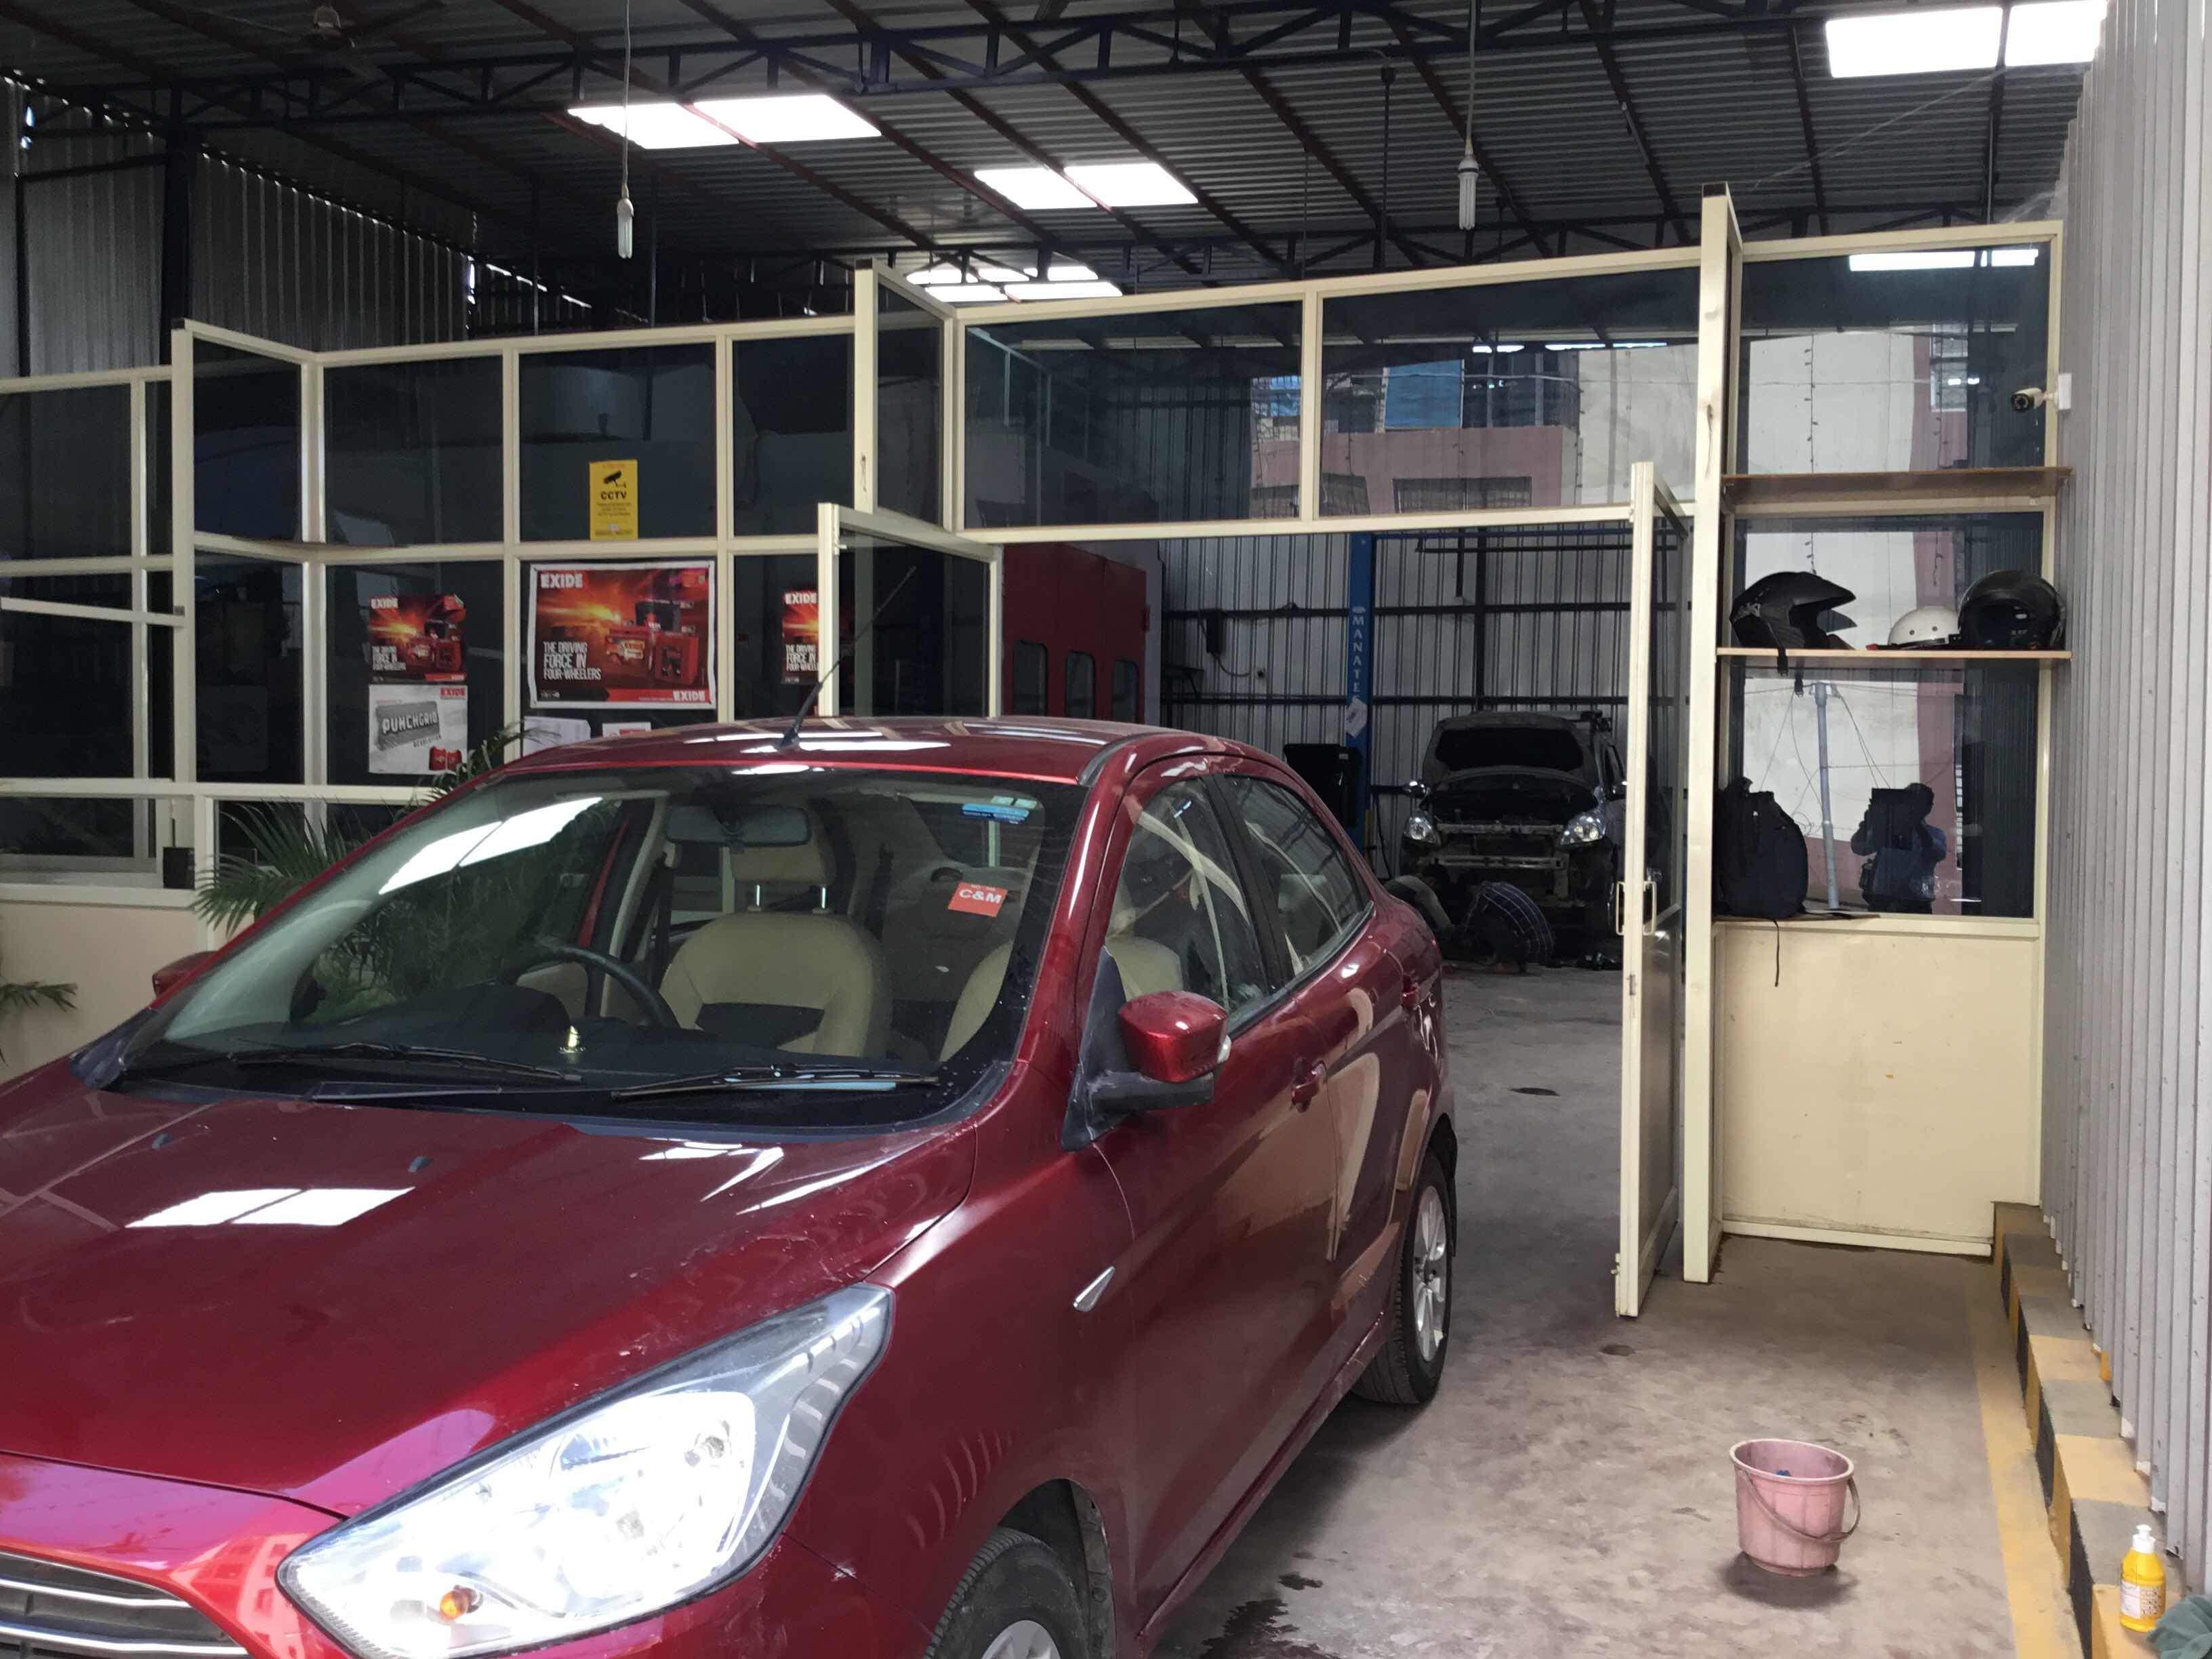 Bangalore's No 1 Multi Brand Car Service Centre for Sale